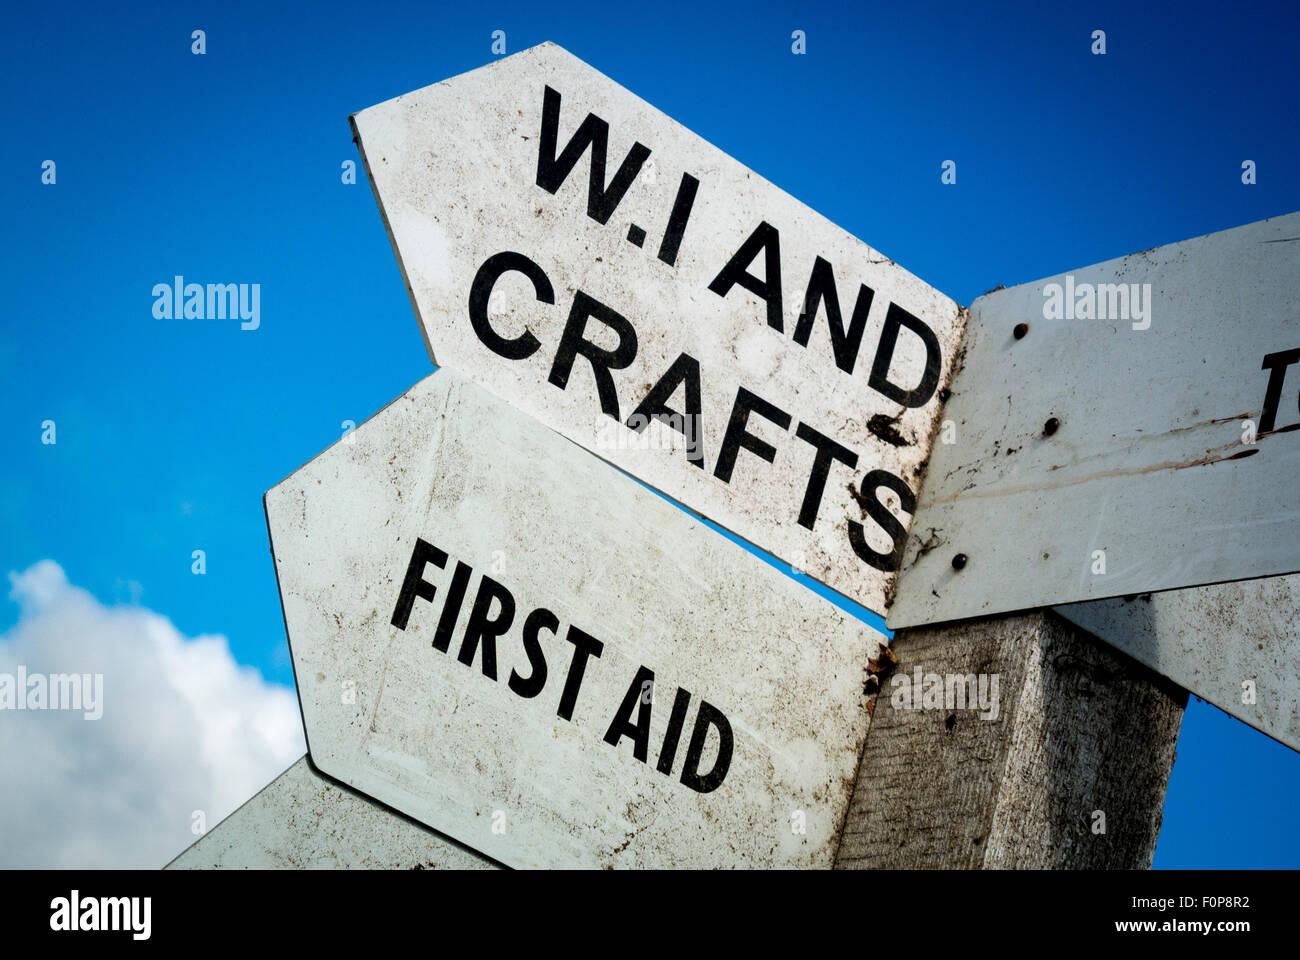 Cartello a livello locale paese mostrano che danno indicazioni per WI e artigianato e di primo soccorso. Immagini Stock